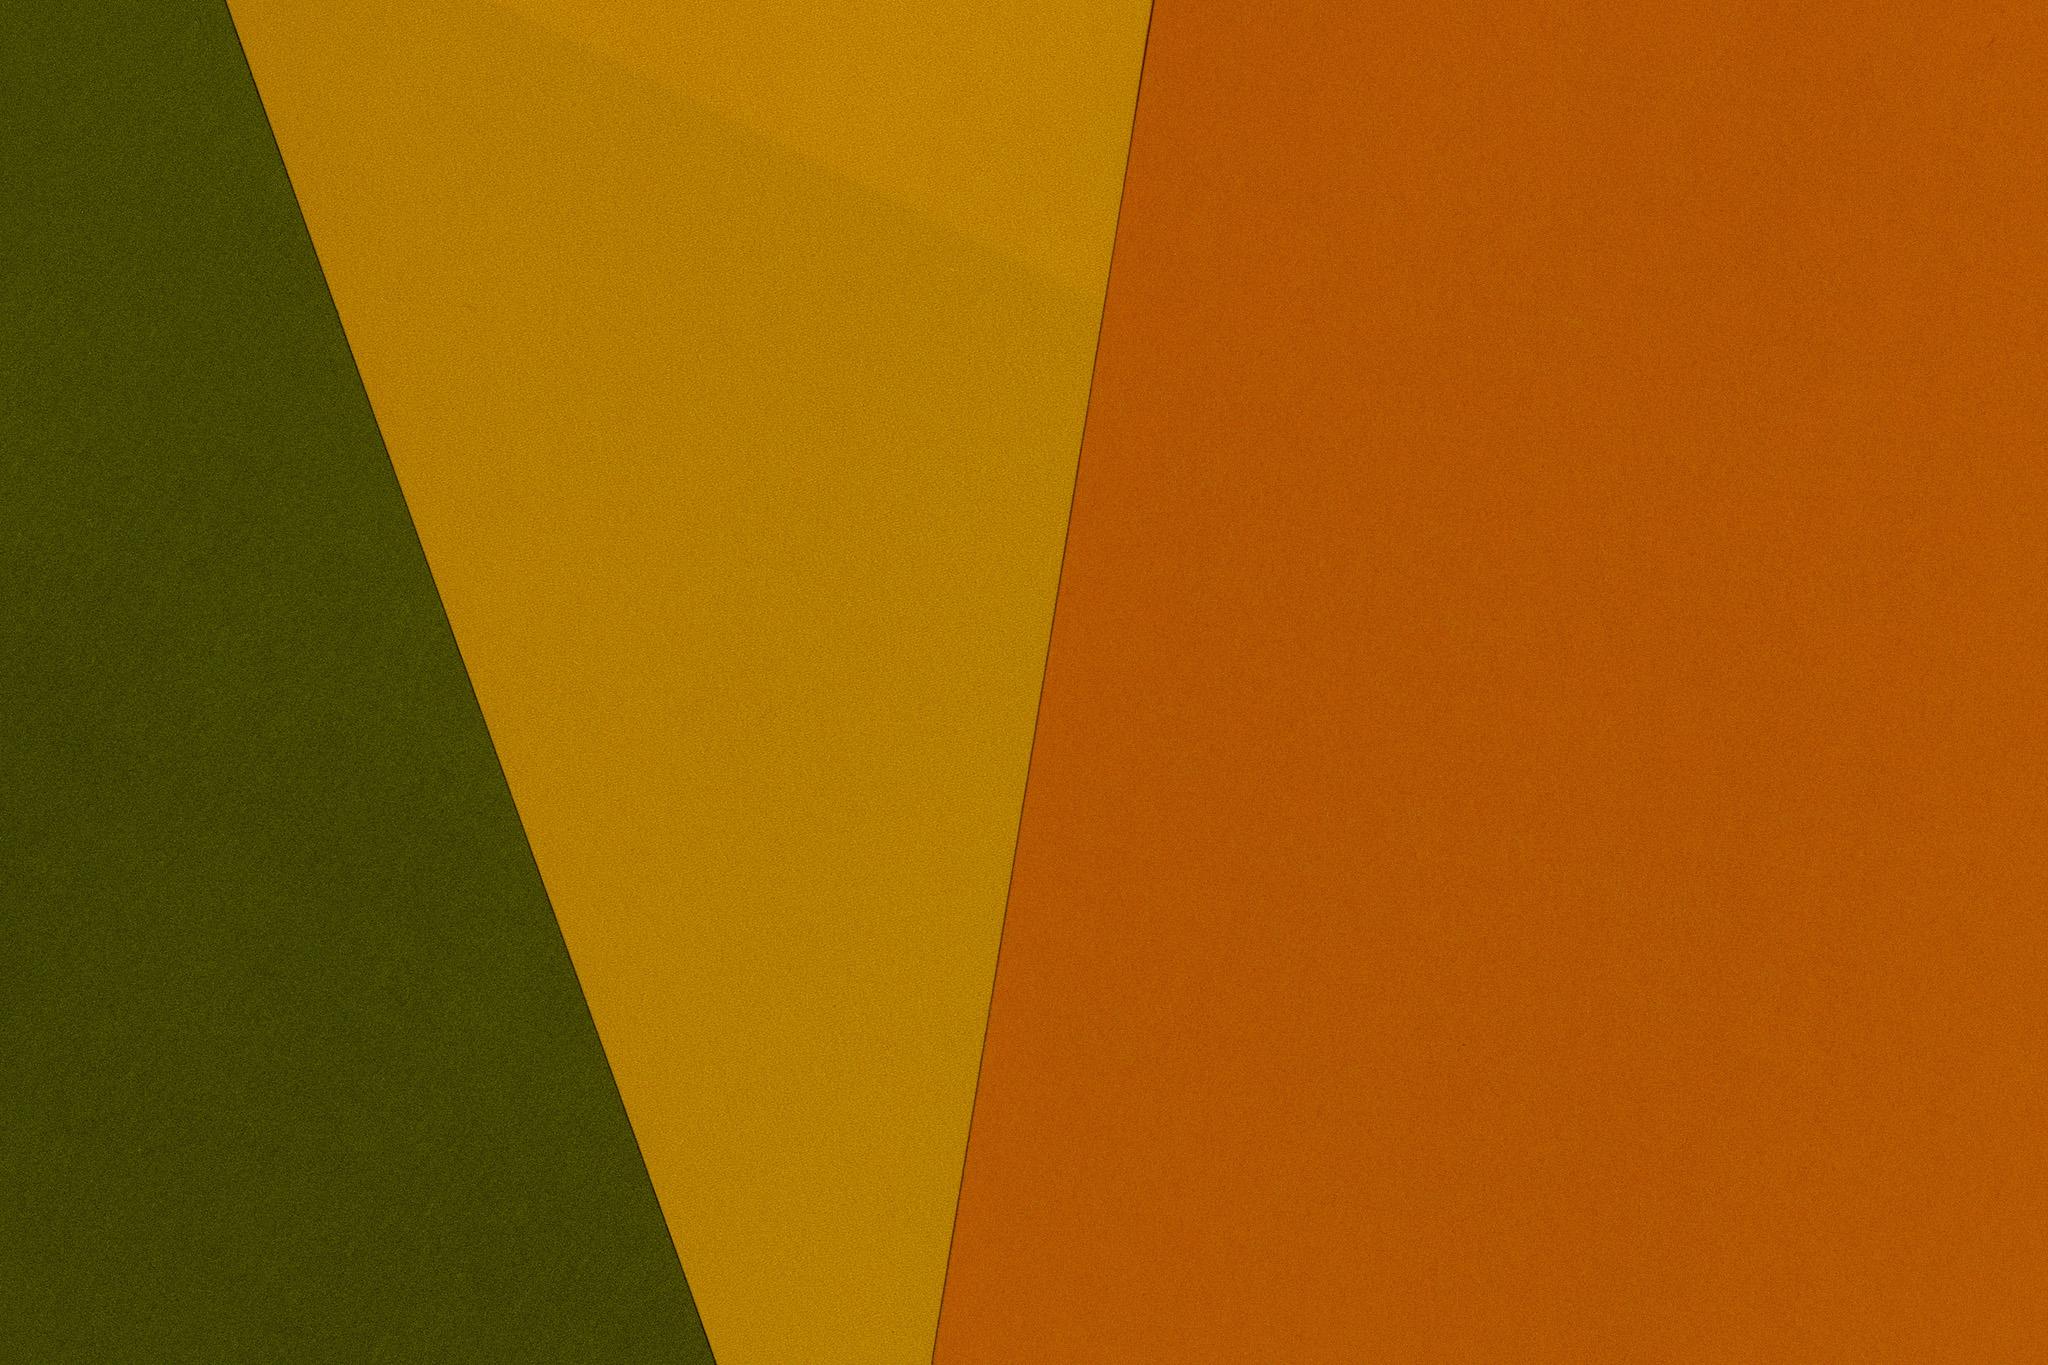 「折り紙の背景イメージ」